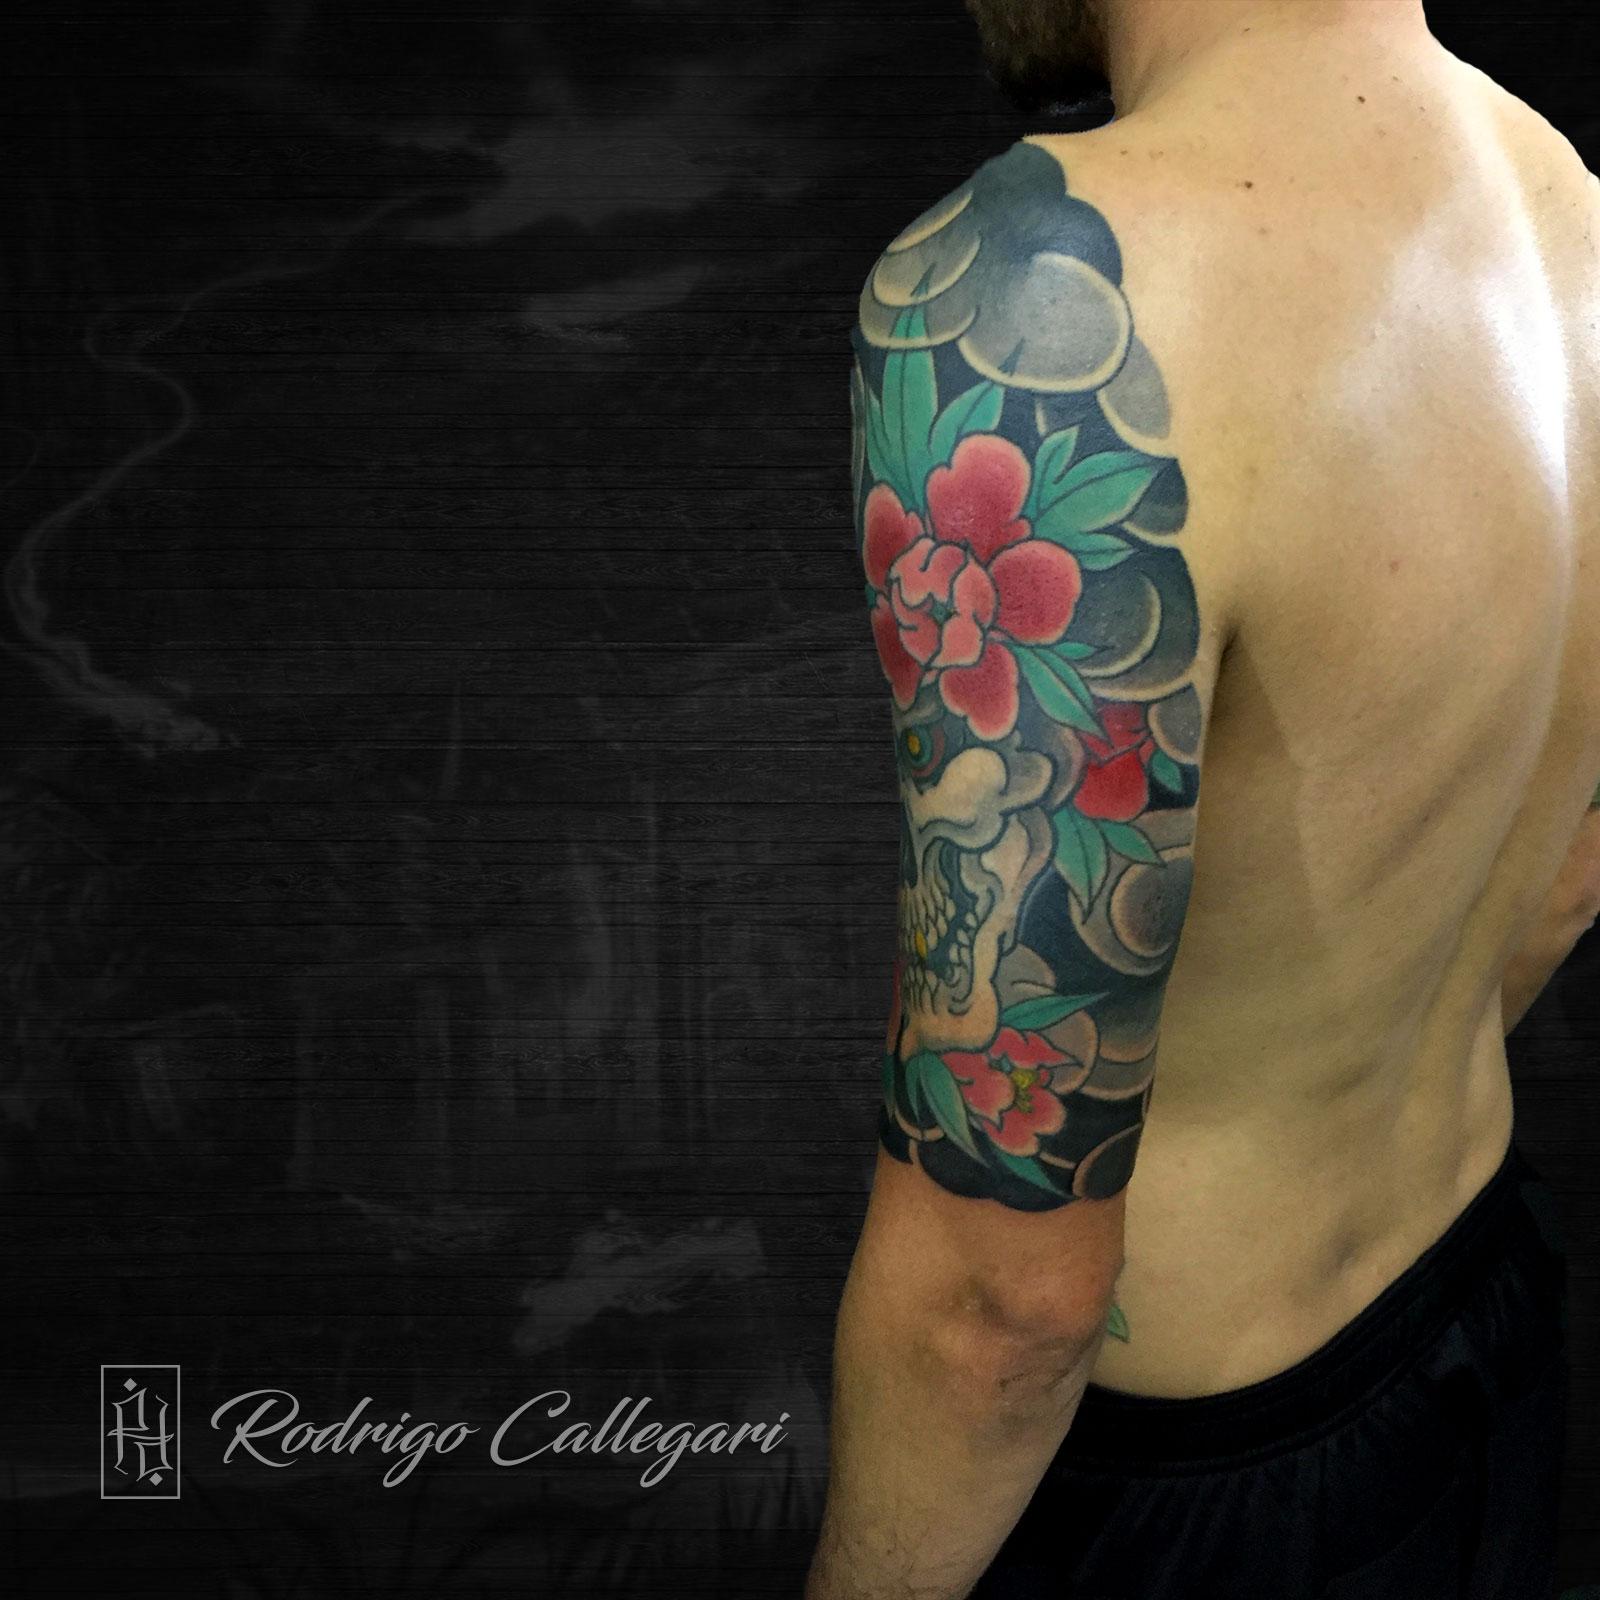 Japanese Tattoos - Rodrigo Callegari Tattoo - Estúdio de Tatuagem na Zona Sul de SP